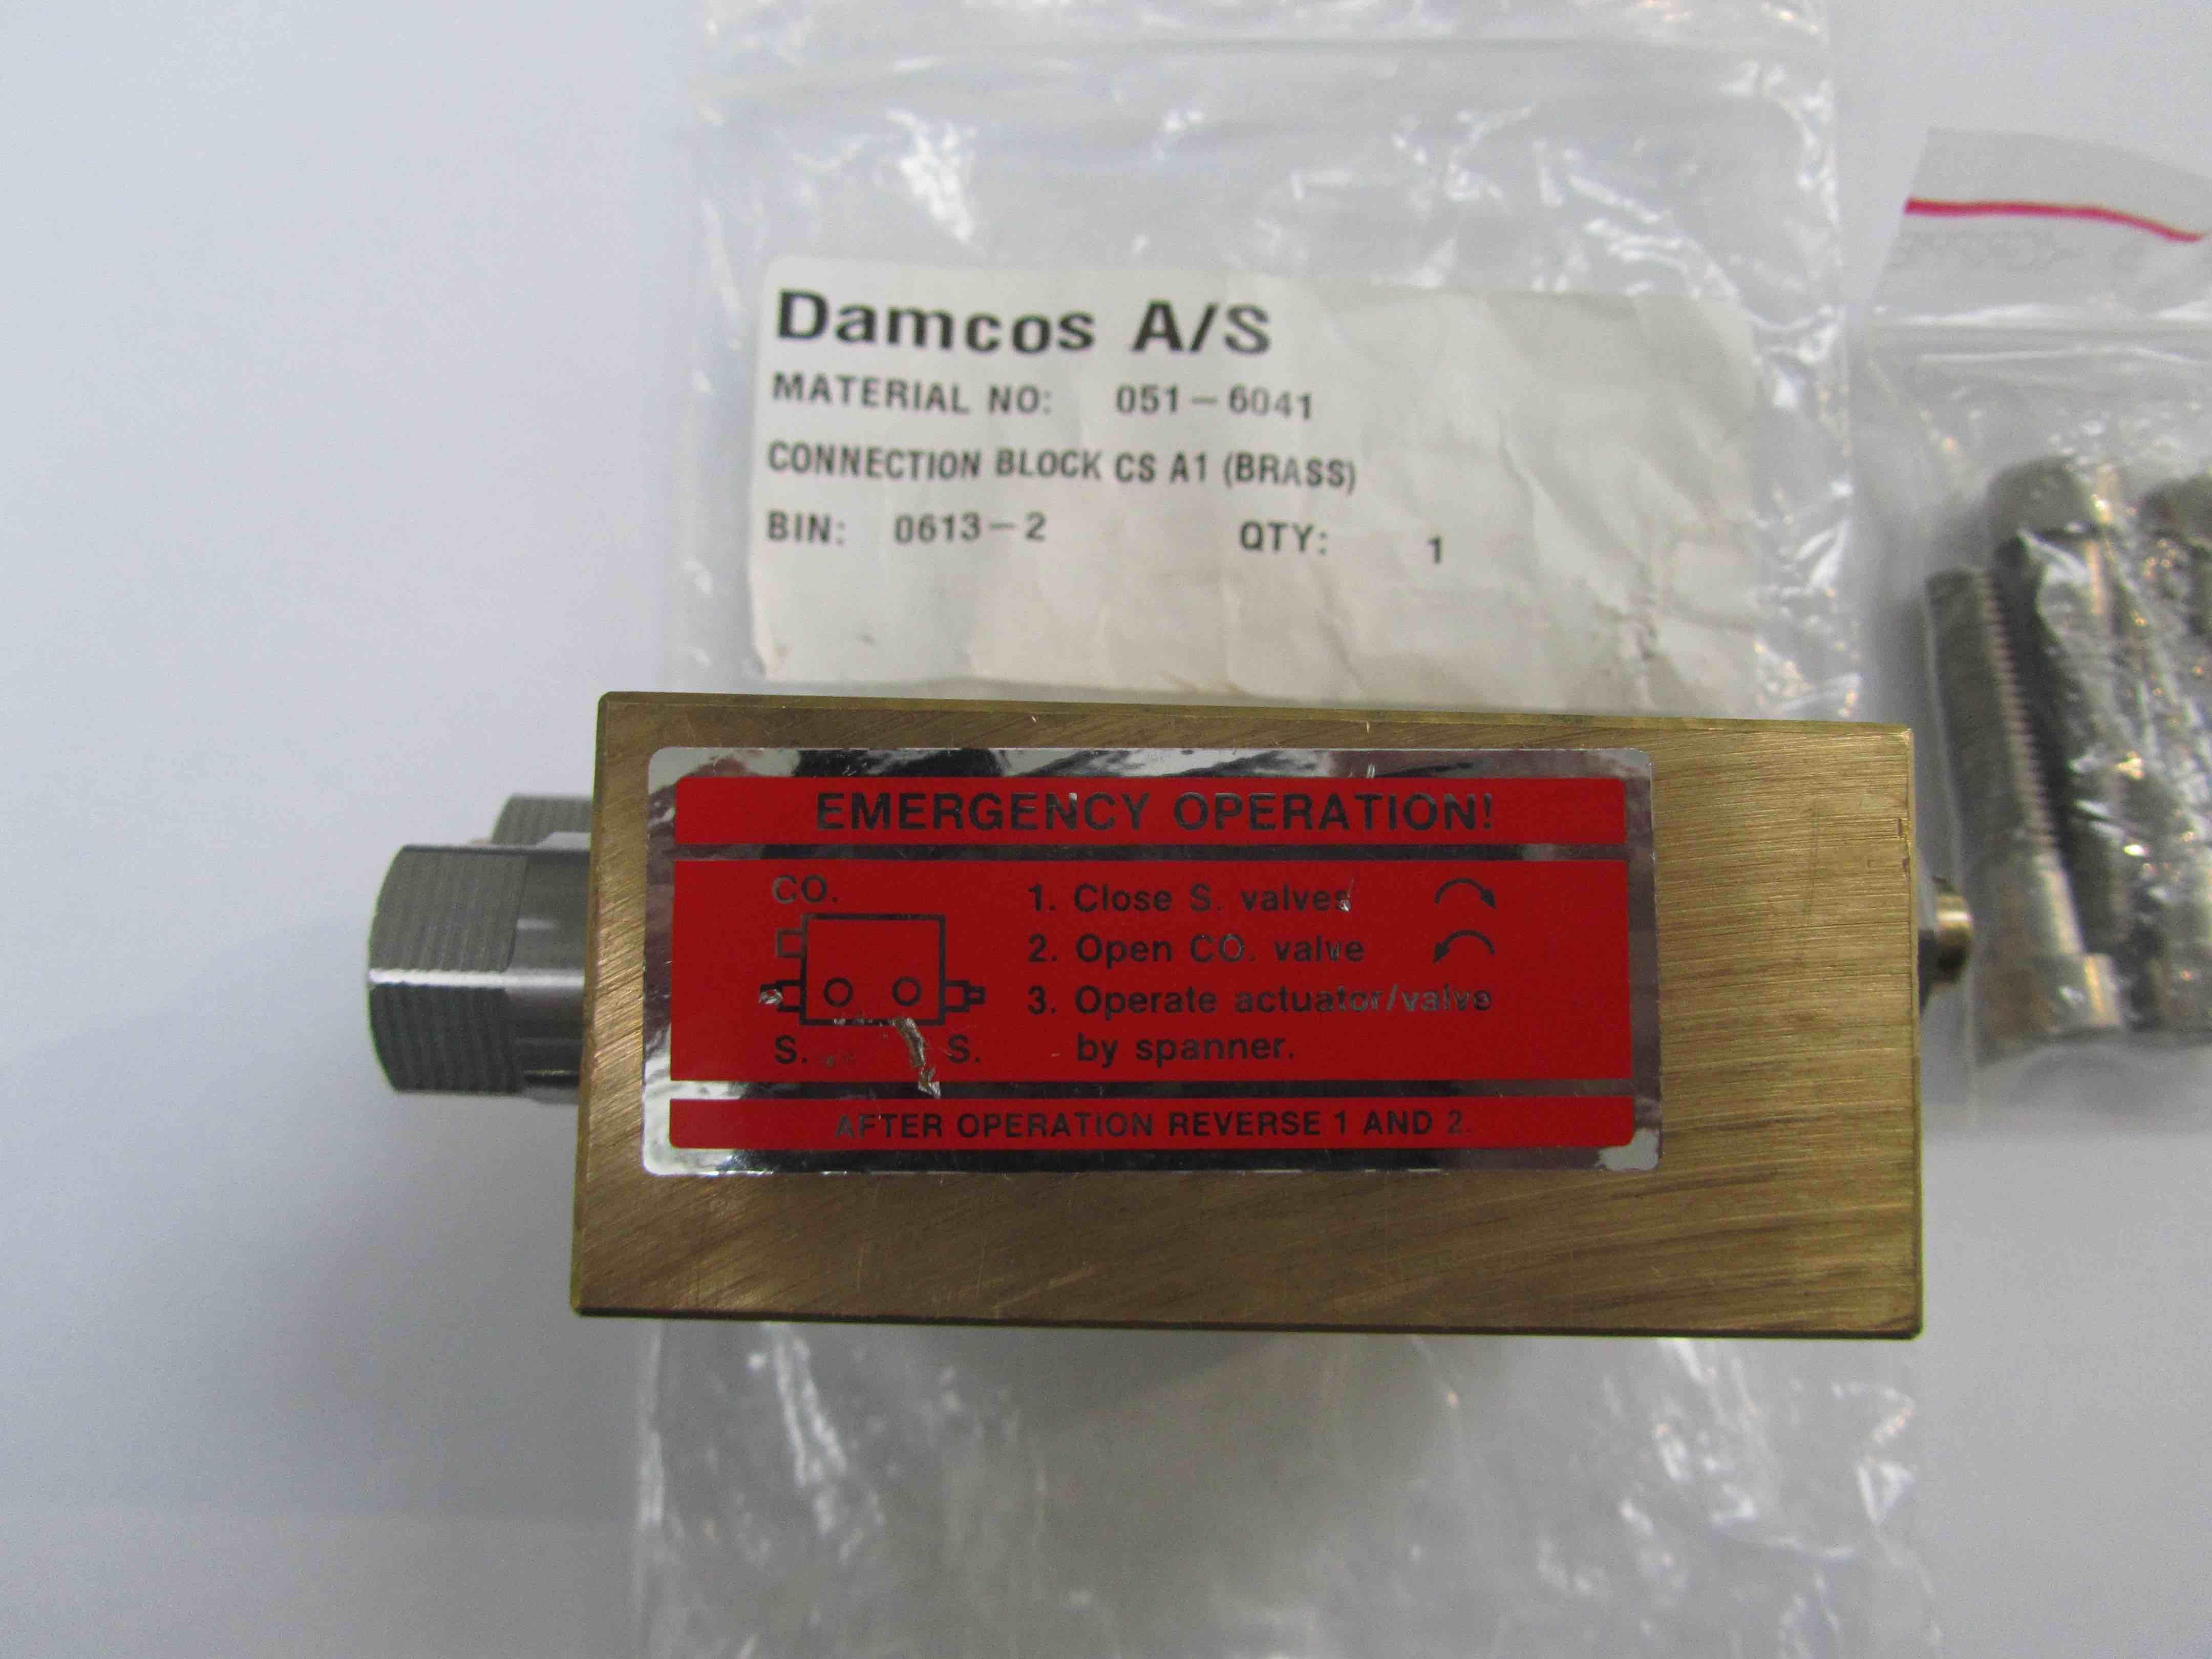 Damcos 051-6041 Block